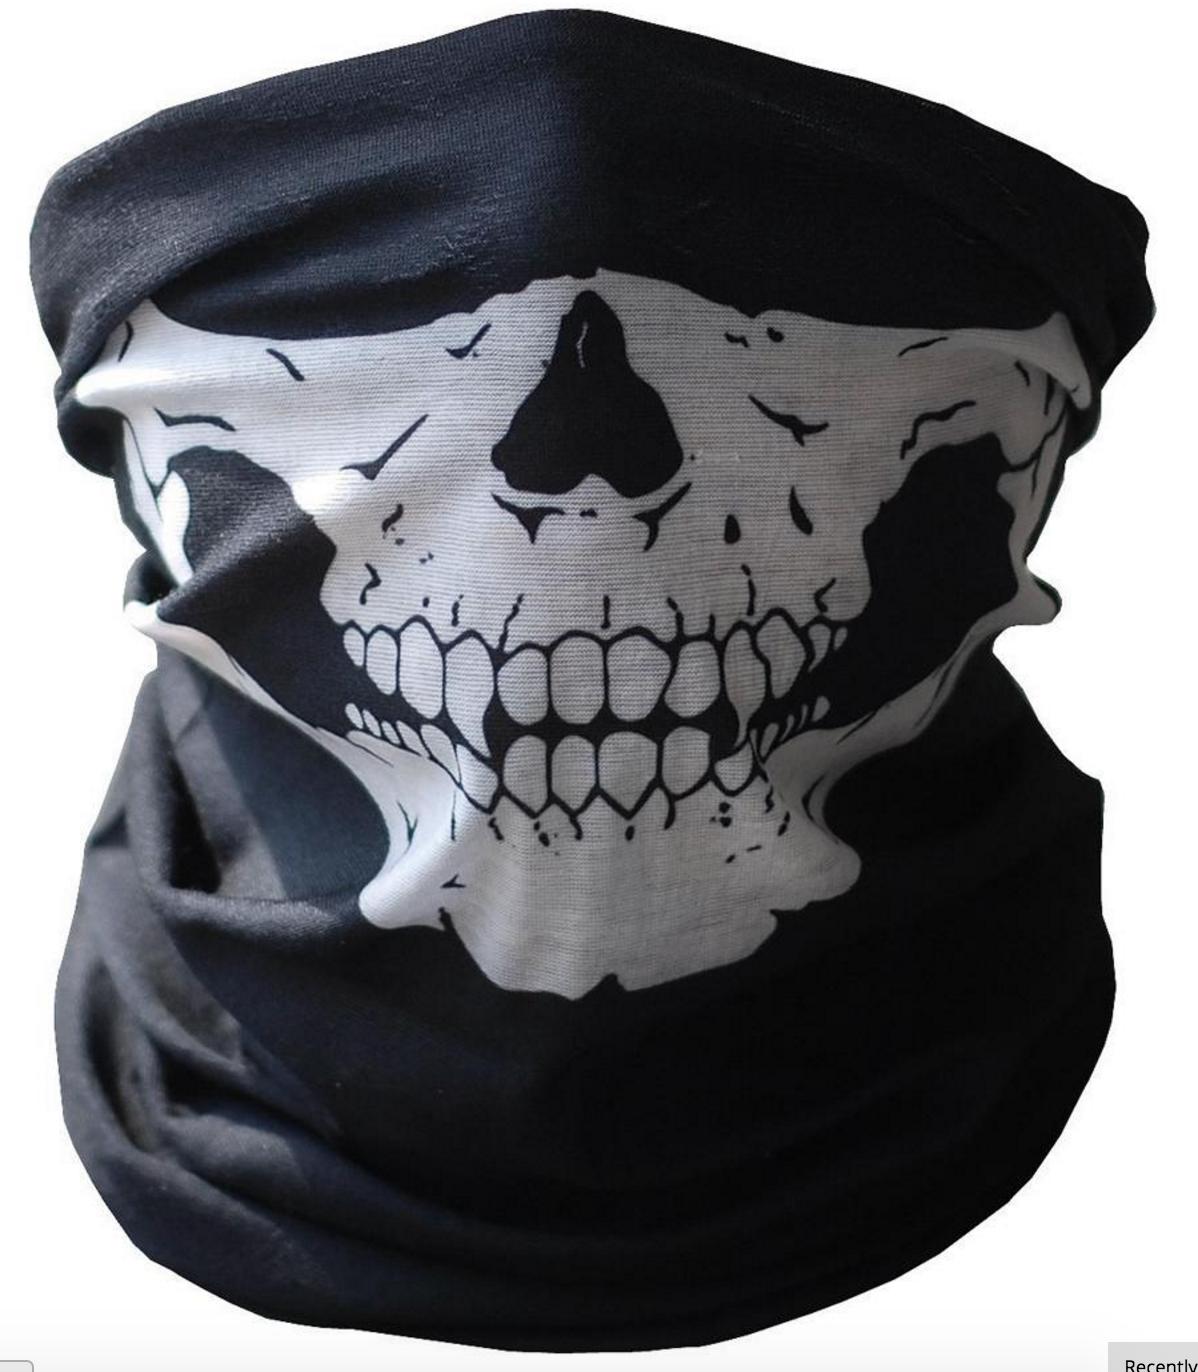 Skull Face Mask (Giveaway) - Mask PNG